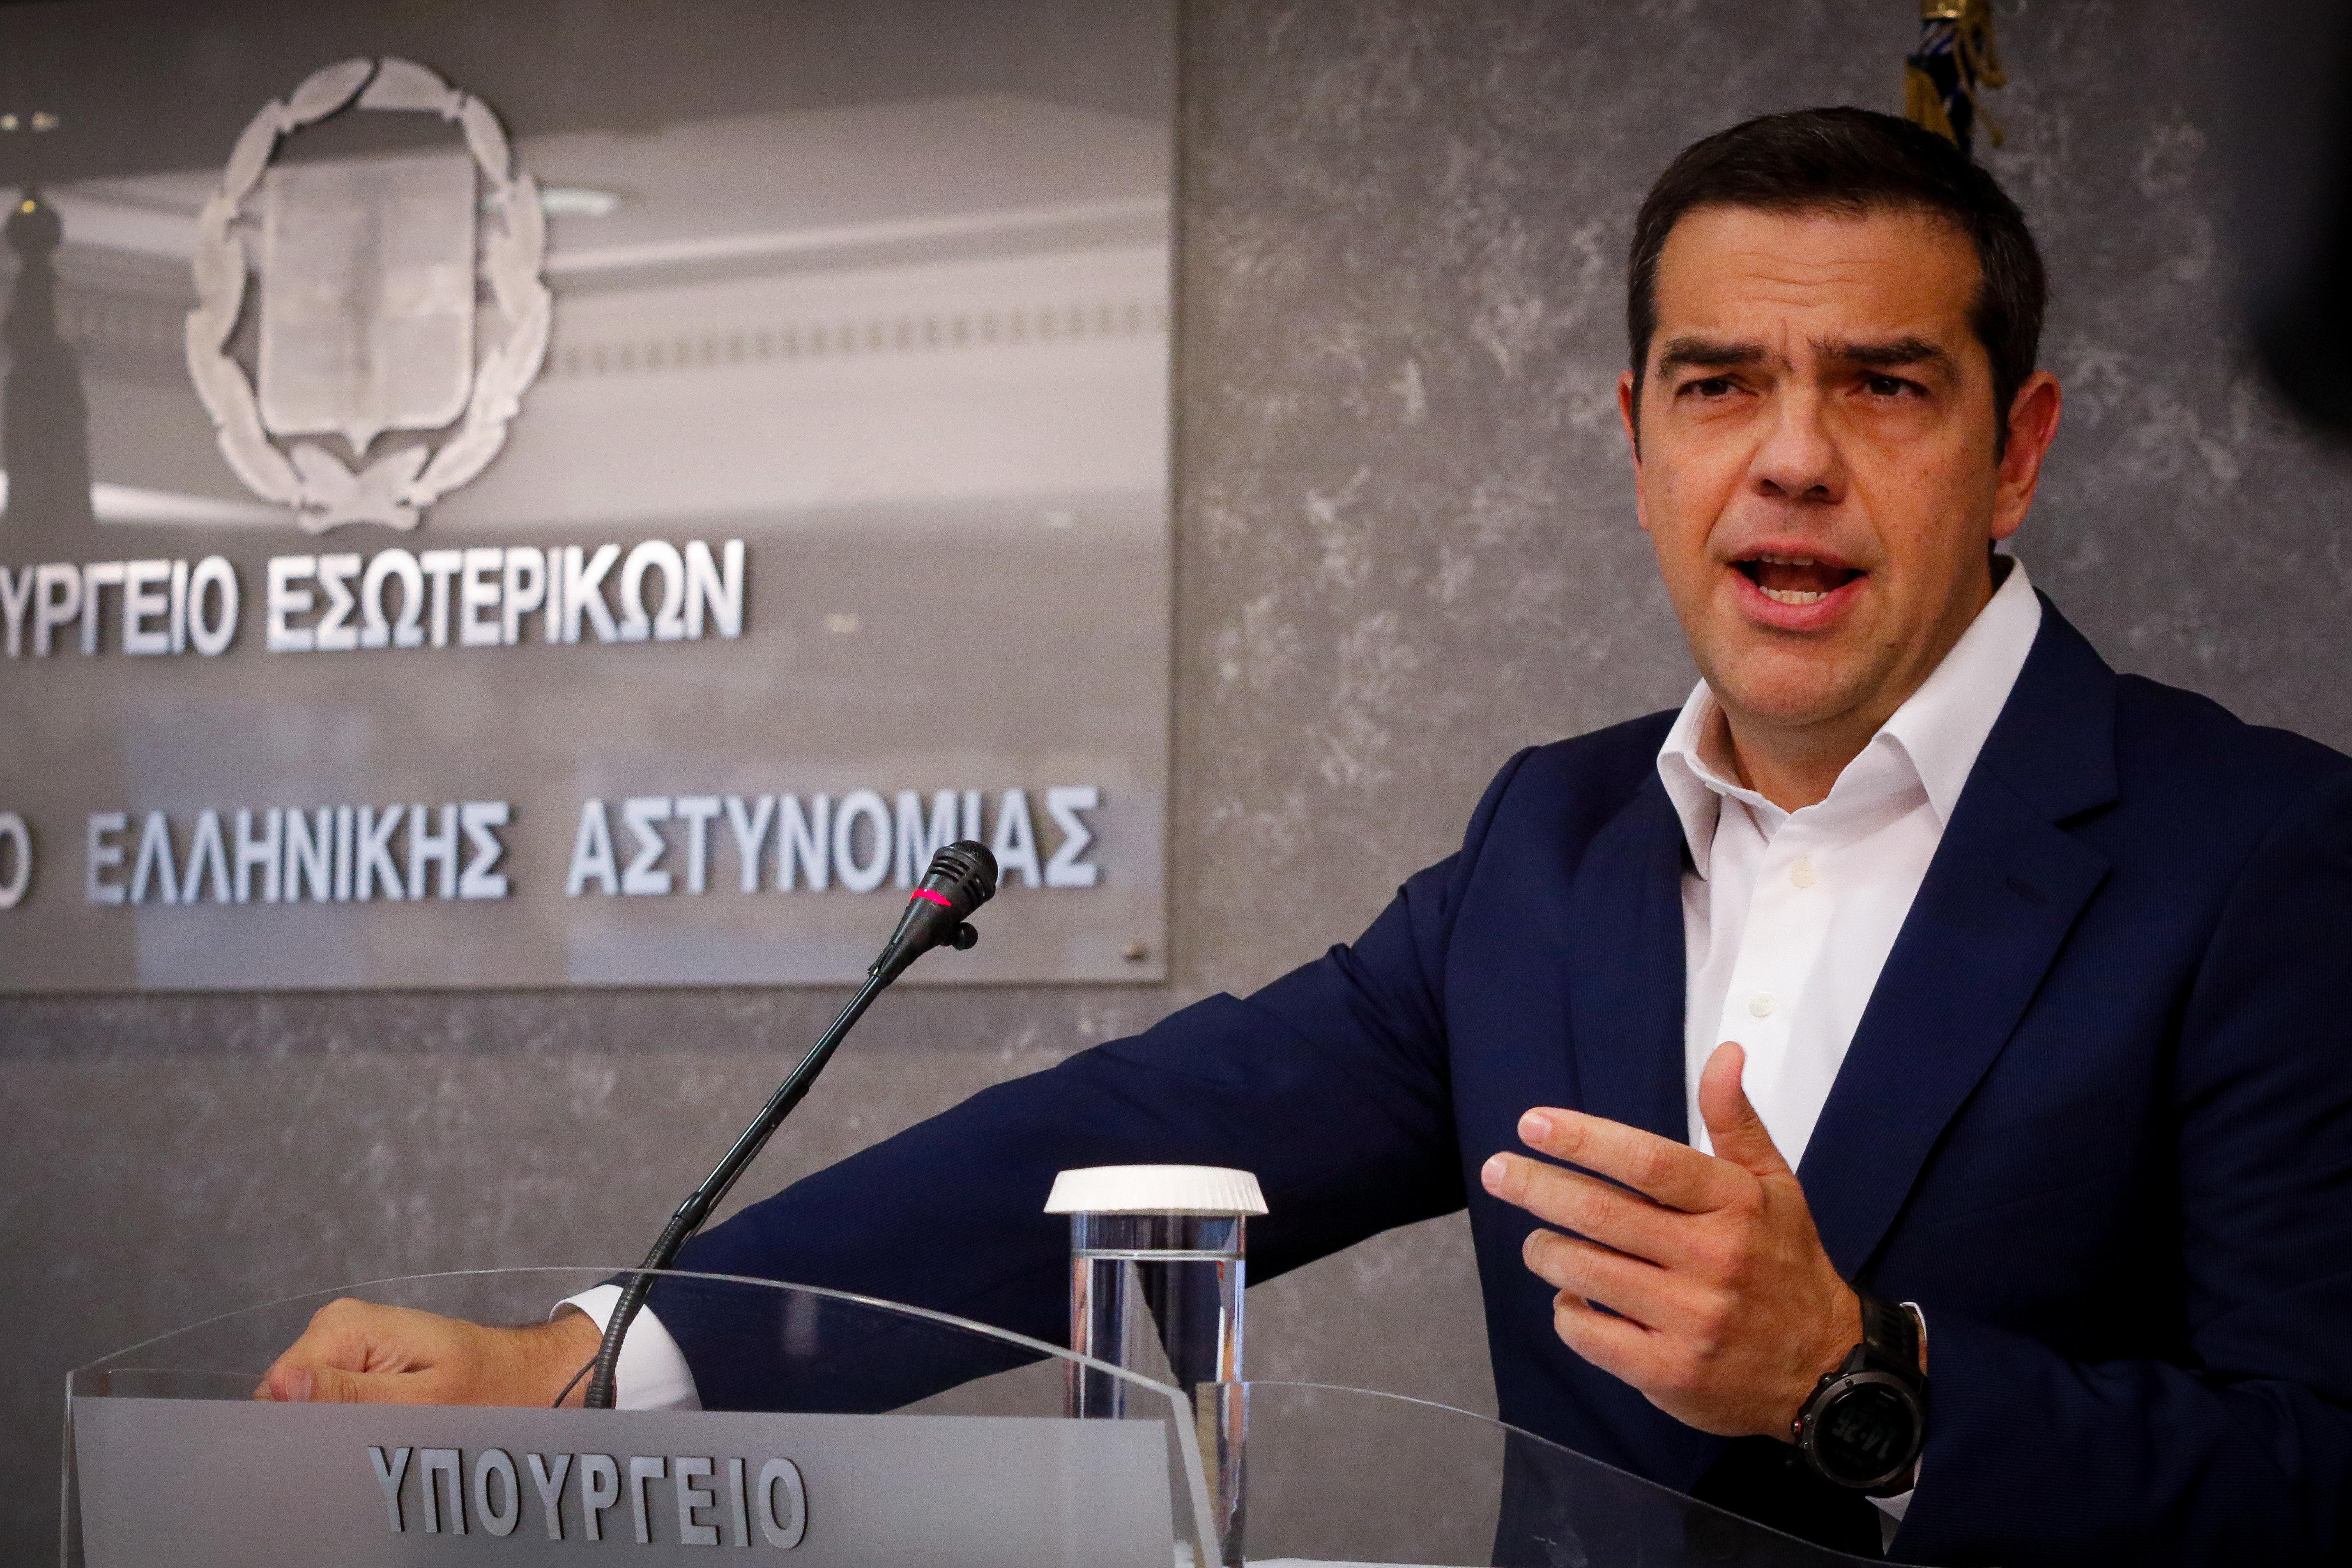 Τον νέο θεσμό για την Πολιτική Προστασία ανακοίνωσε ο Αλέξης Τσίπρας